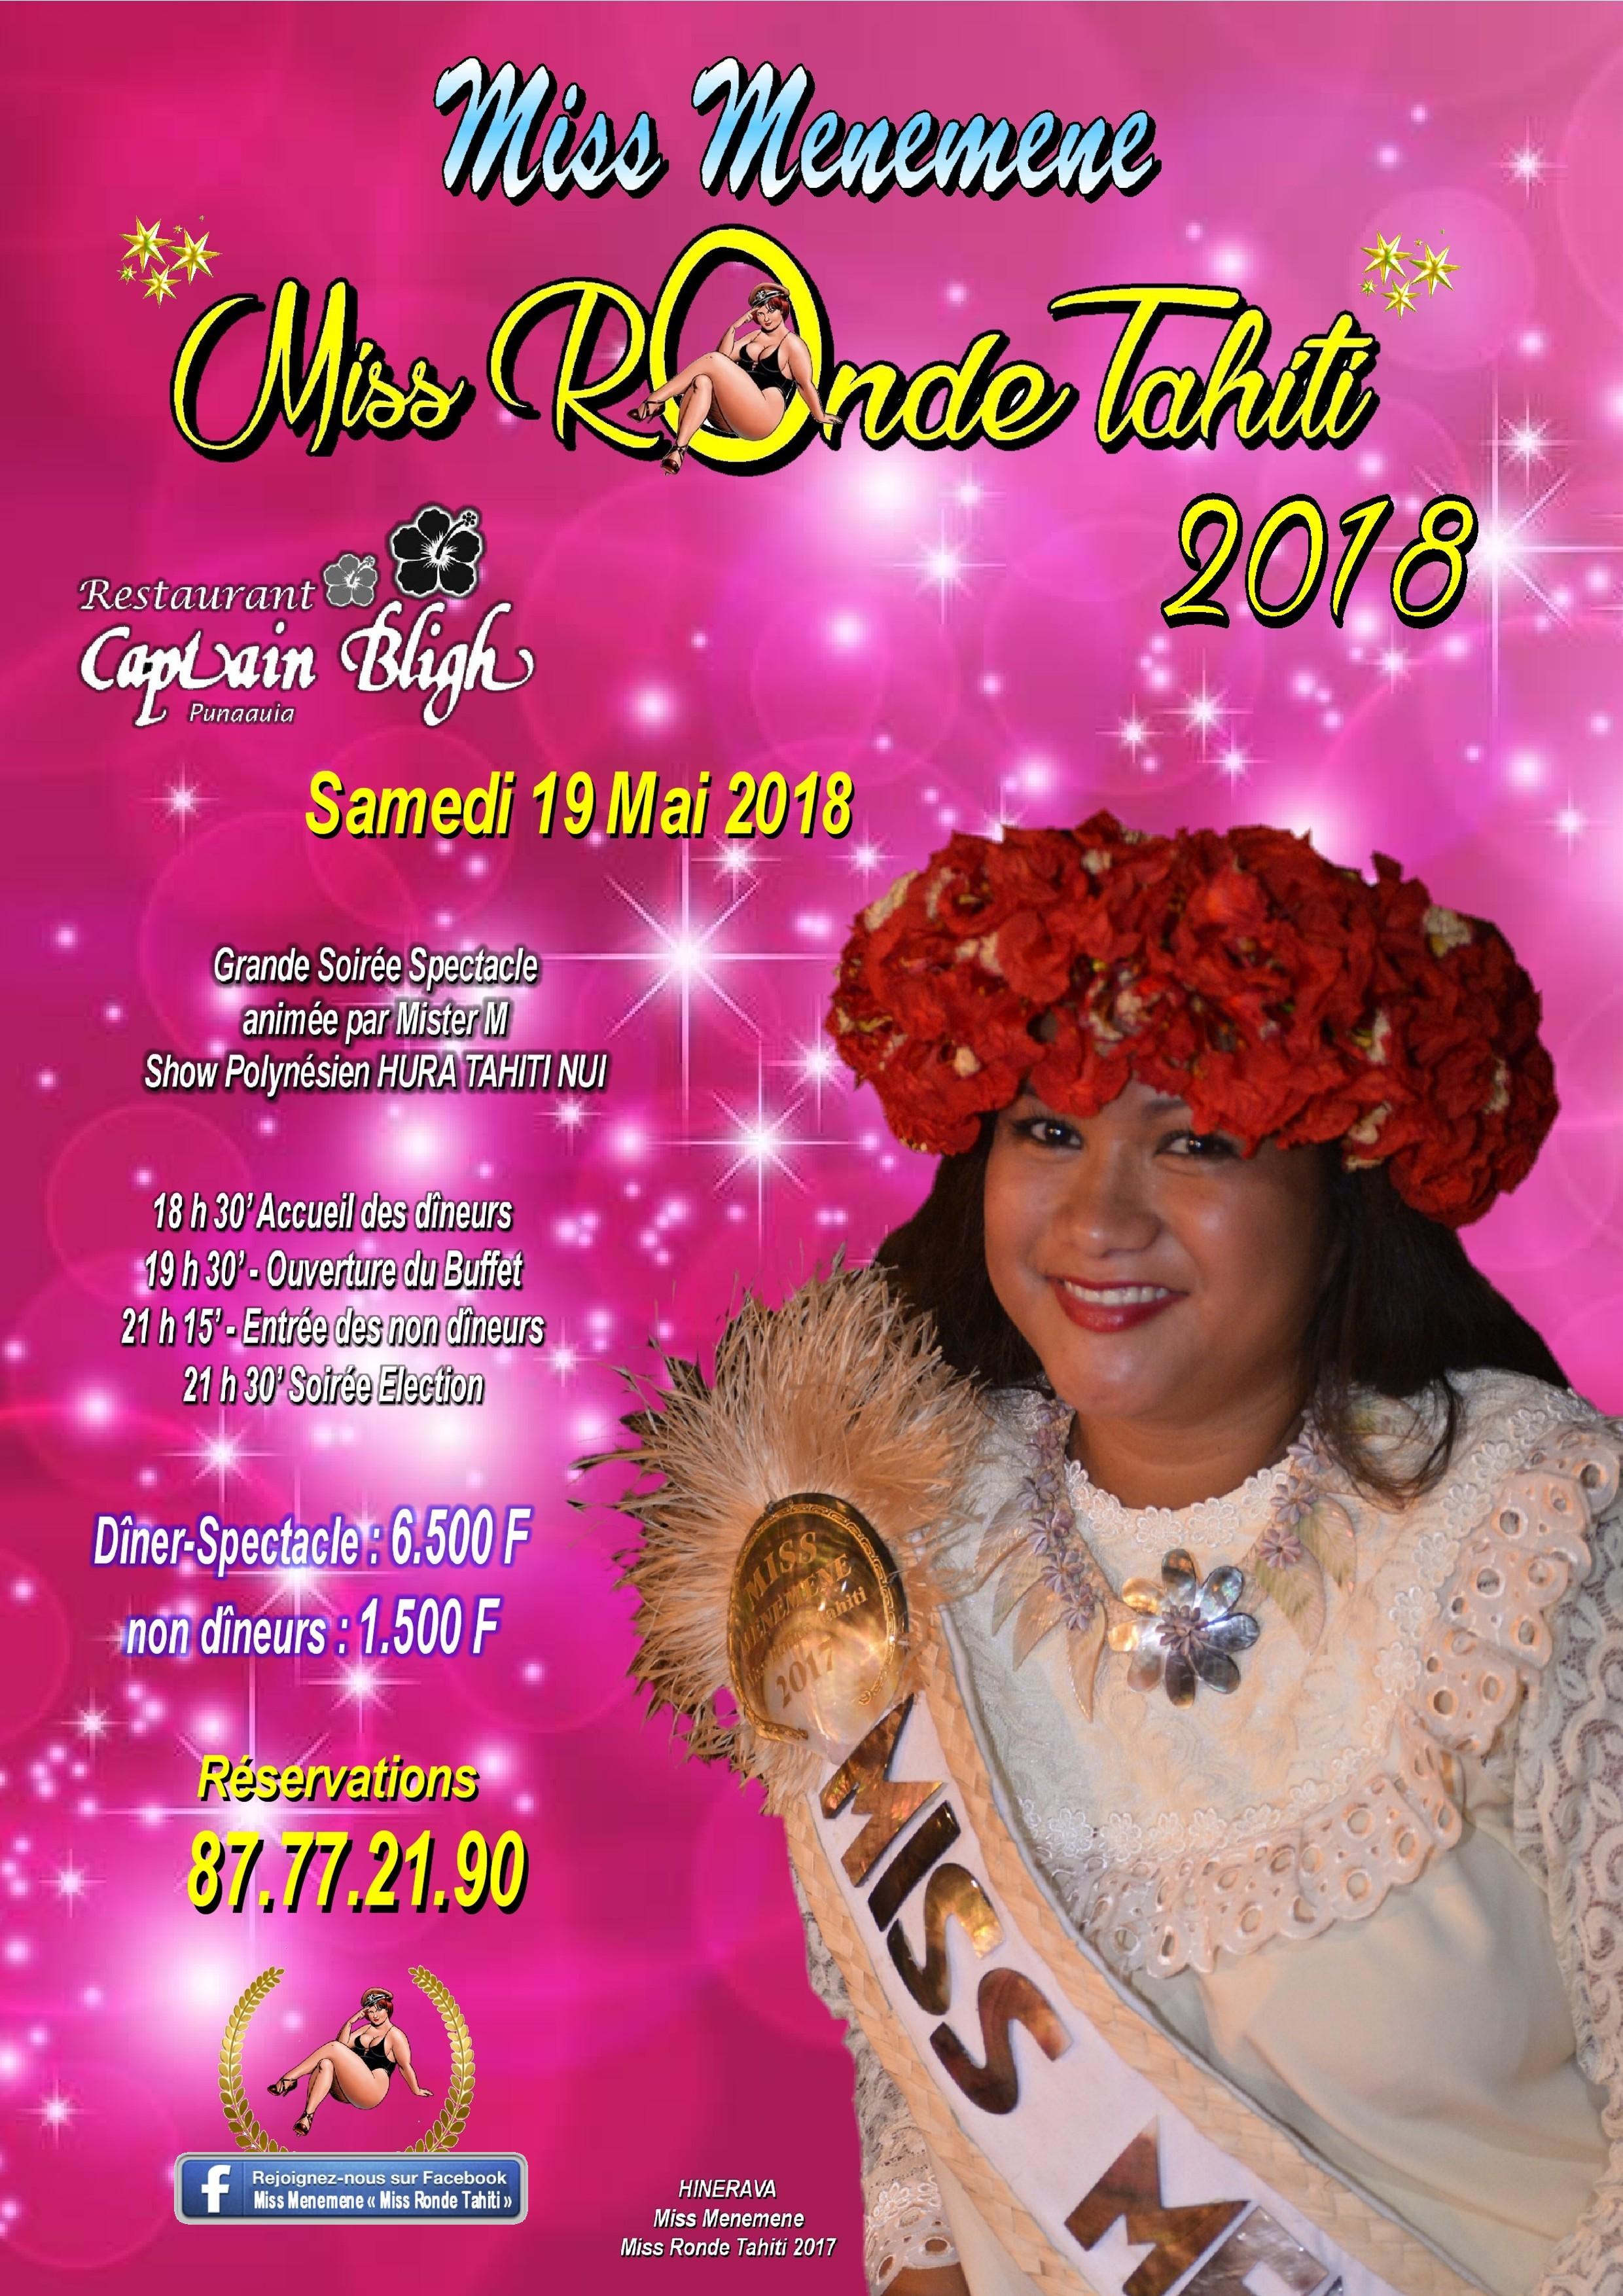 """L'élection de """"Miss Menemene Miss Ronde Tahiti"""" 2018 se déroulera le 19 mai prochain à Punaauia au restaurant le Captain Bligh."""